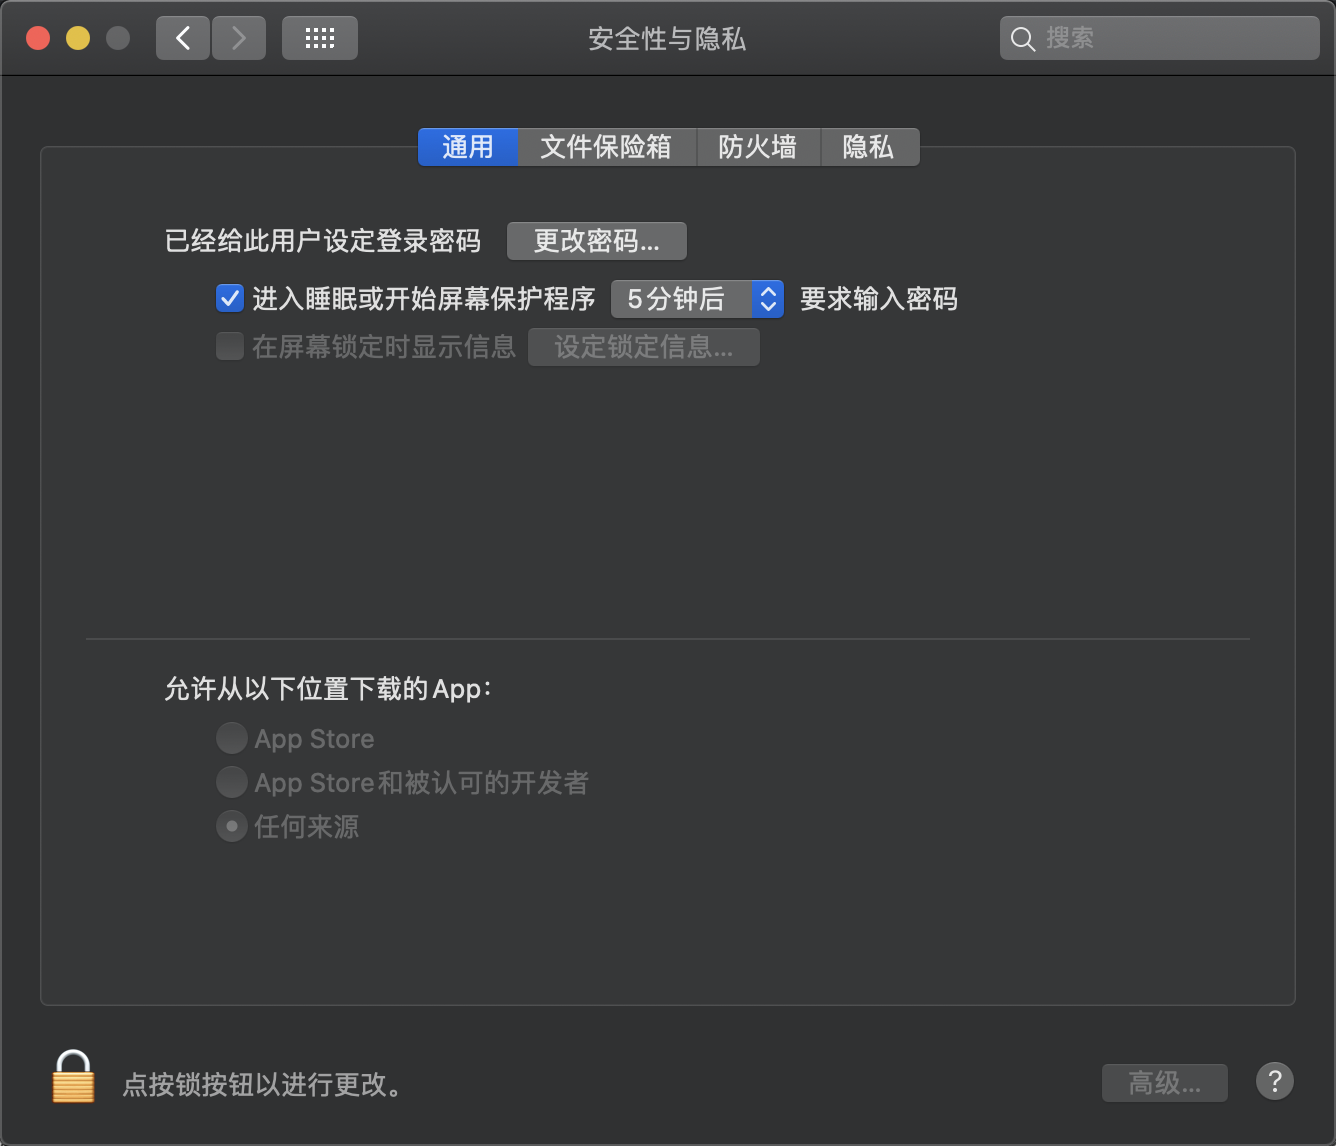 macOS 相关操作小技巧合集的图片-高老四博客 第2张